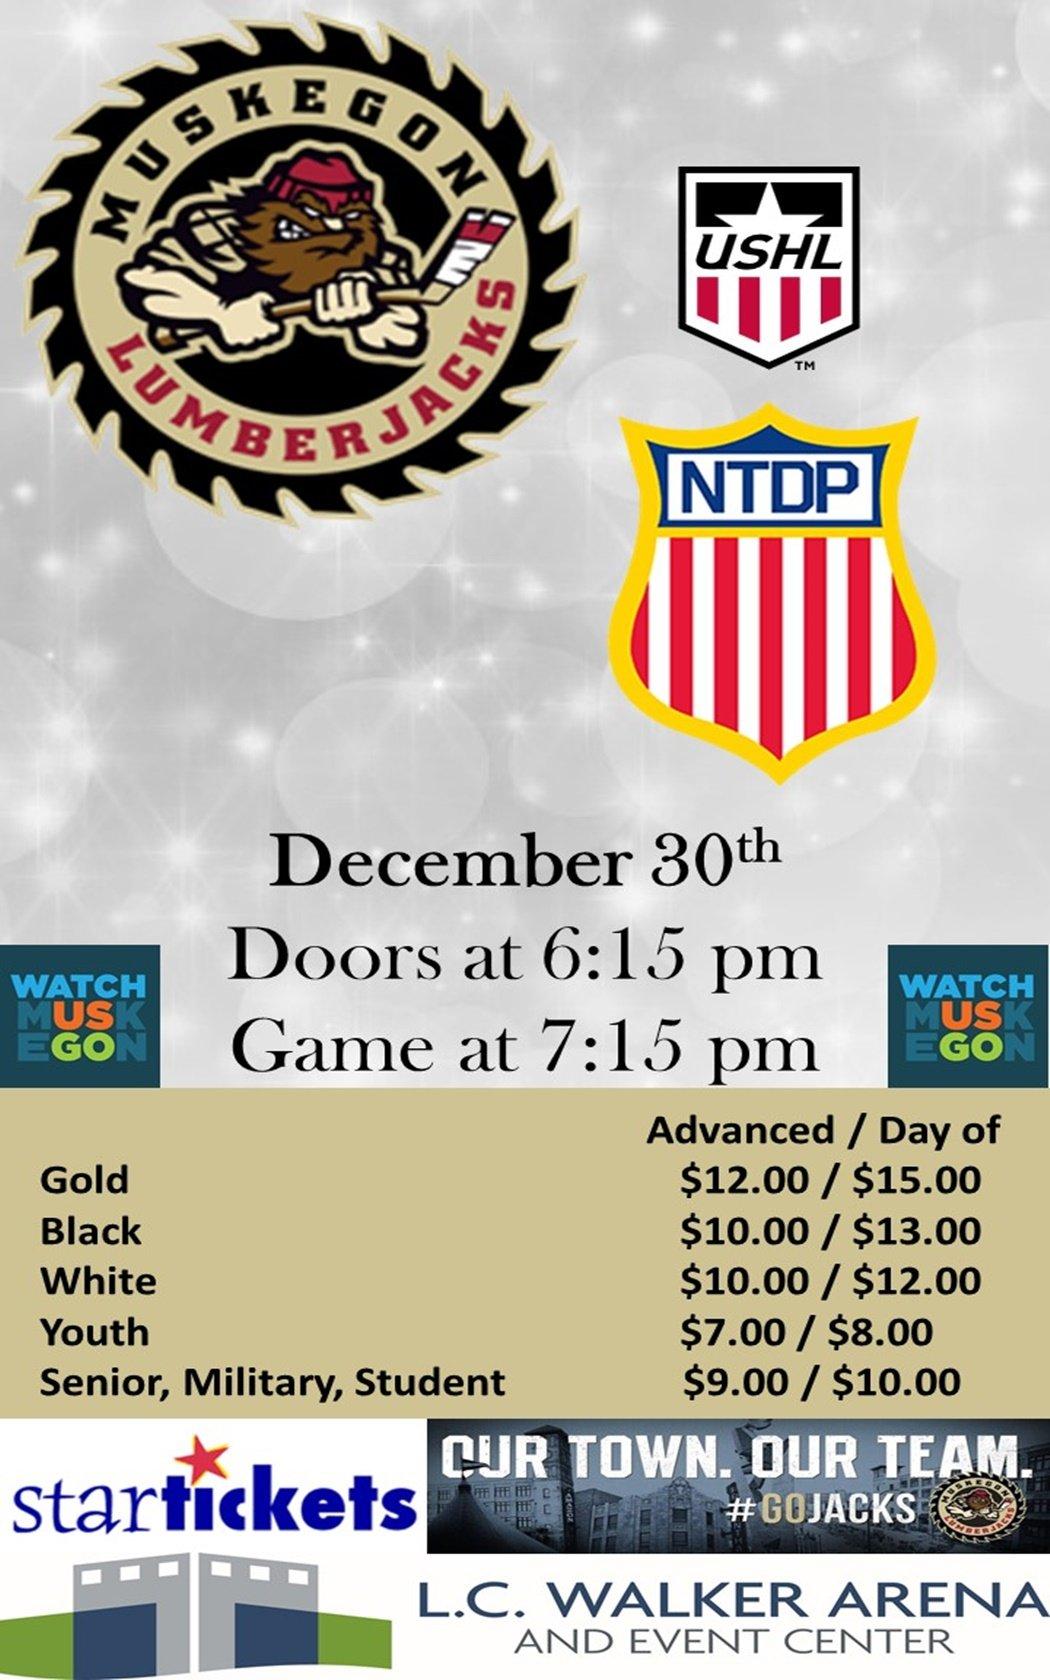 Dec 30 – Muskegon Lumberjacks vs NTDP